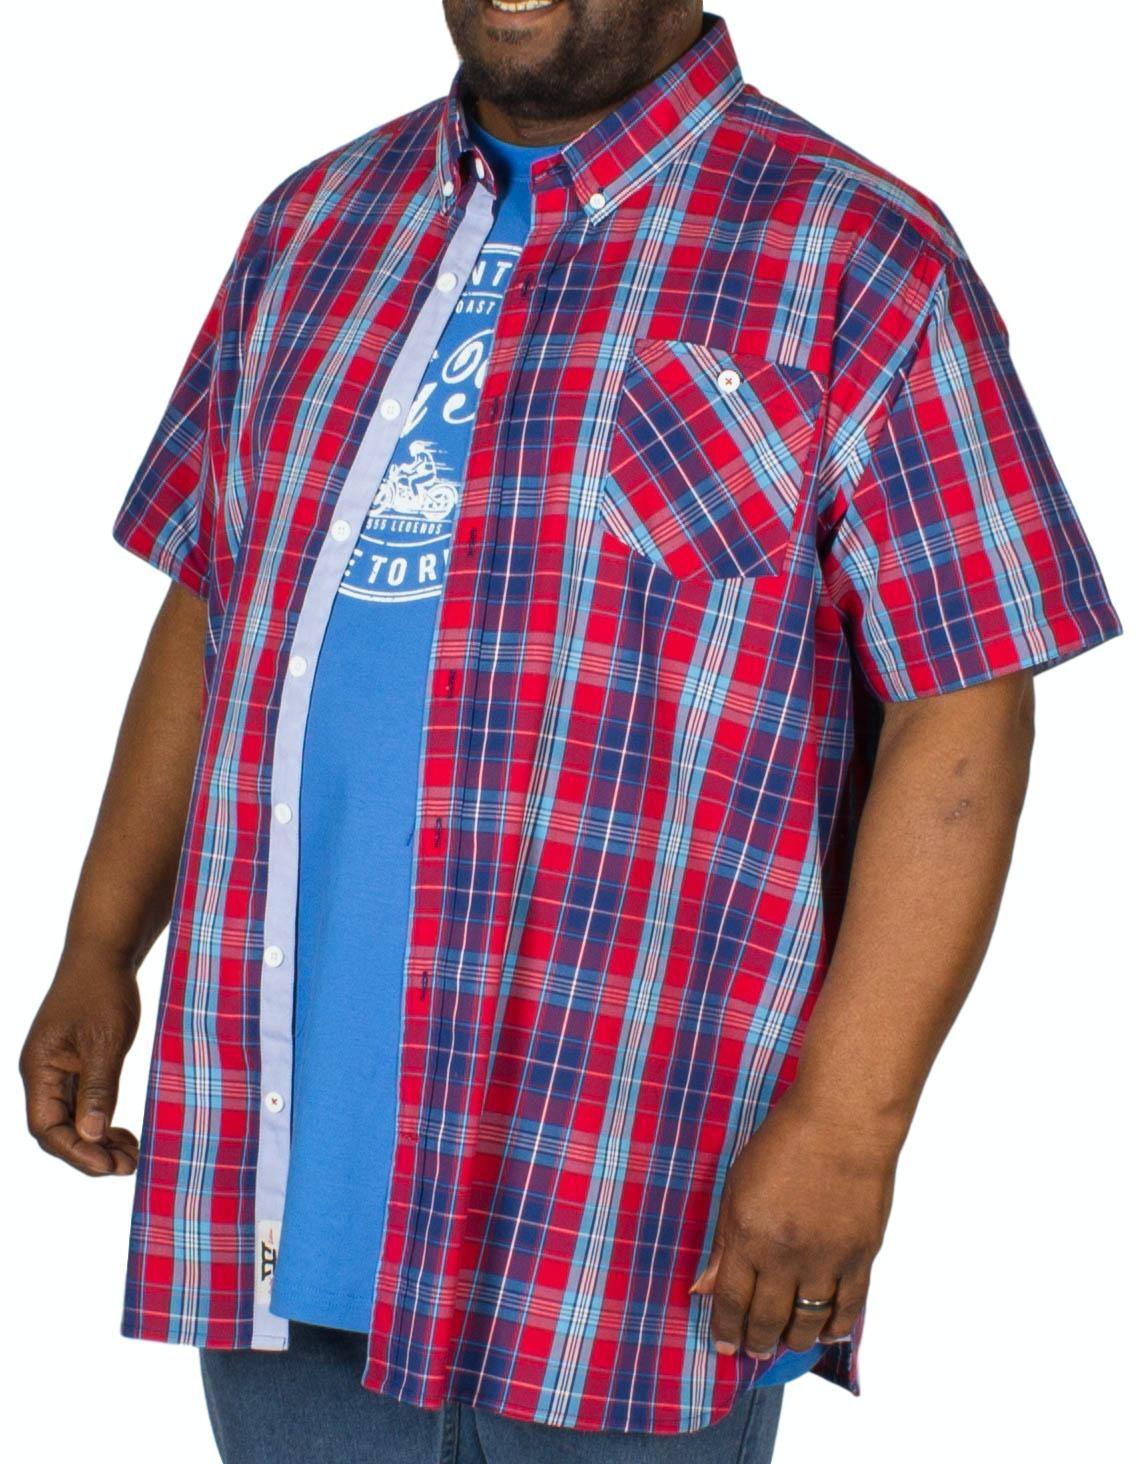 D555 Alabama Short Sleeve Shirt & T-Shirt Combo Red/Blue